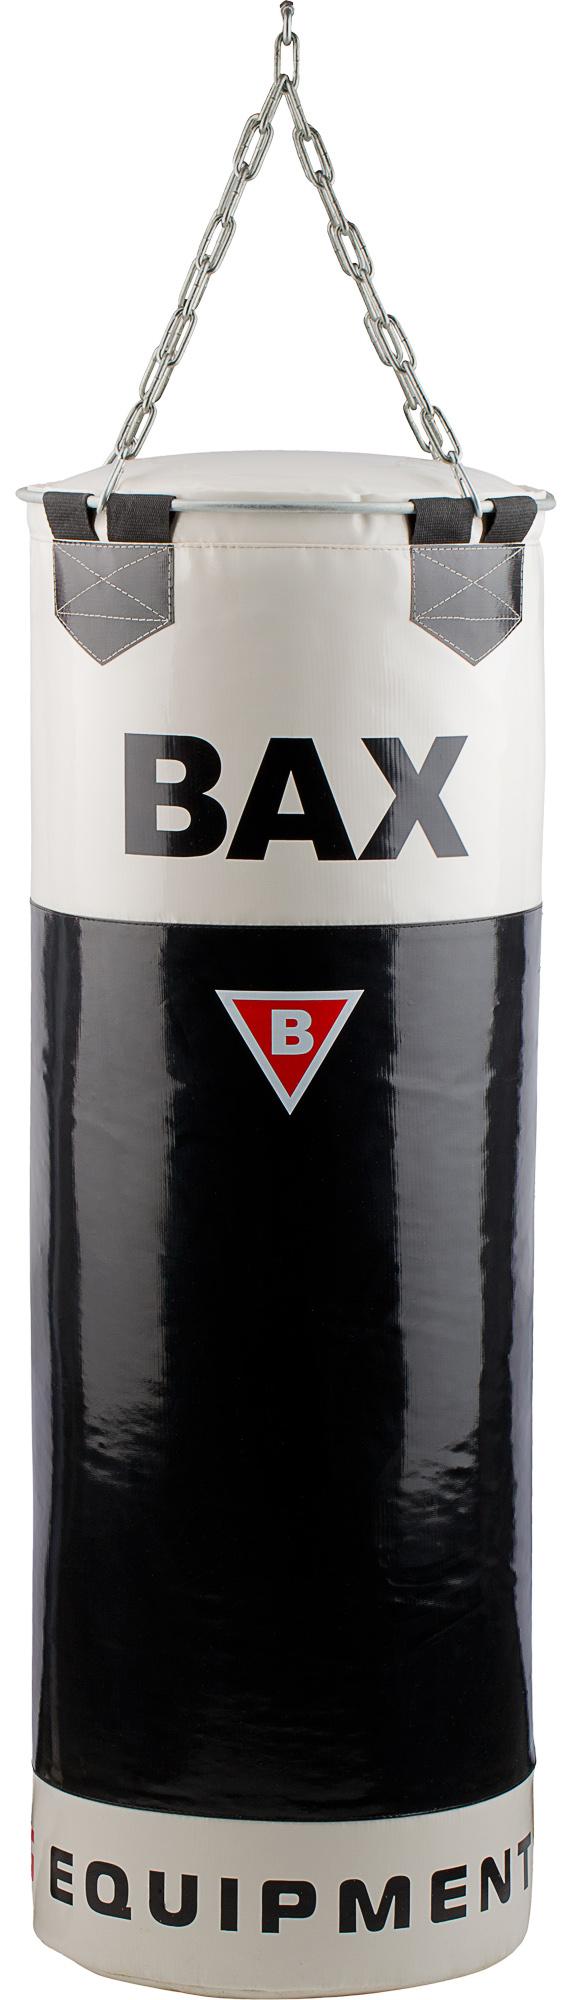 Bax Мешок набивной Bax, 20 кг bax мешок набивной bax 40 кг